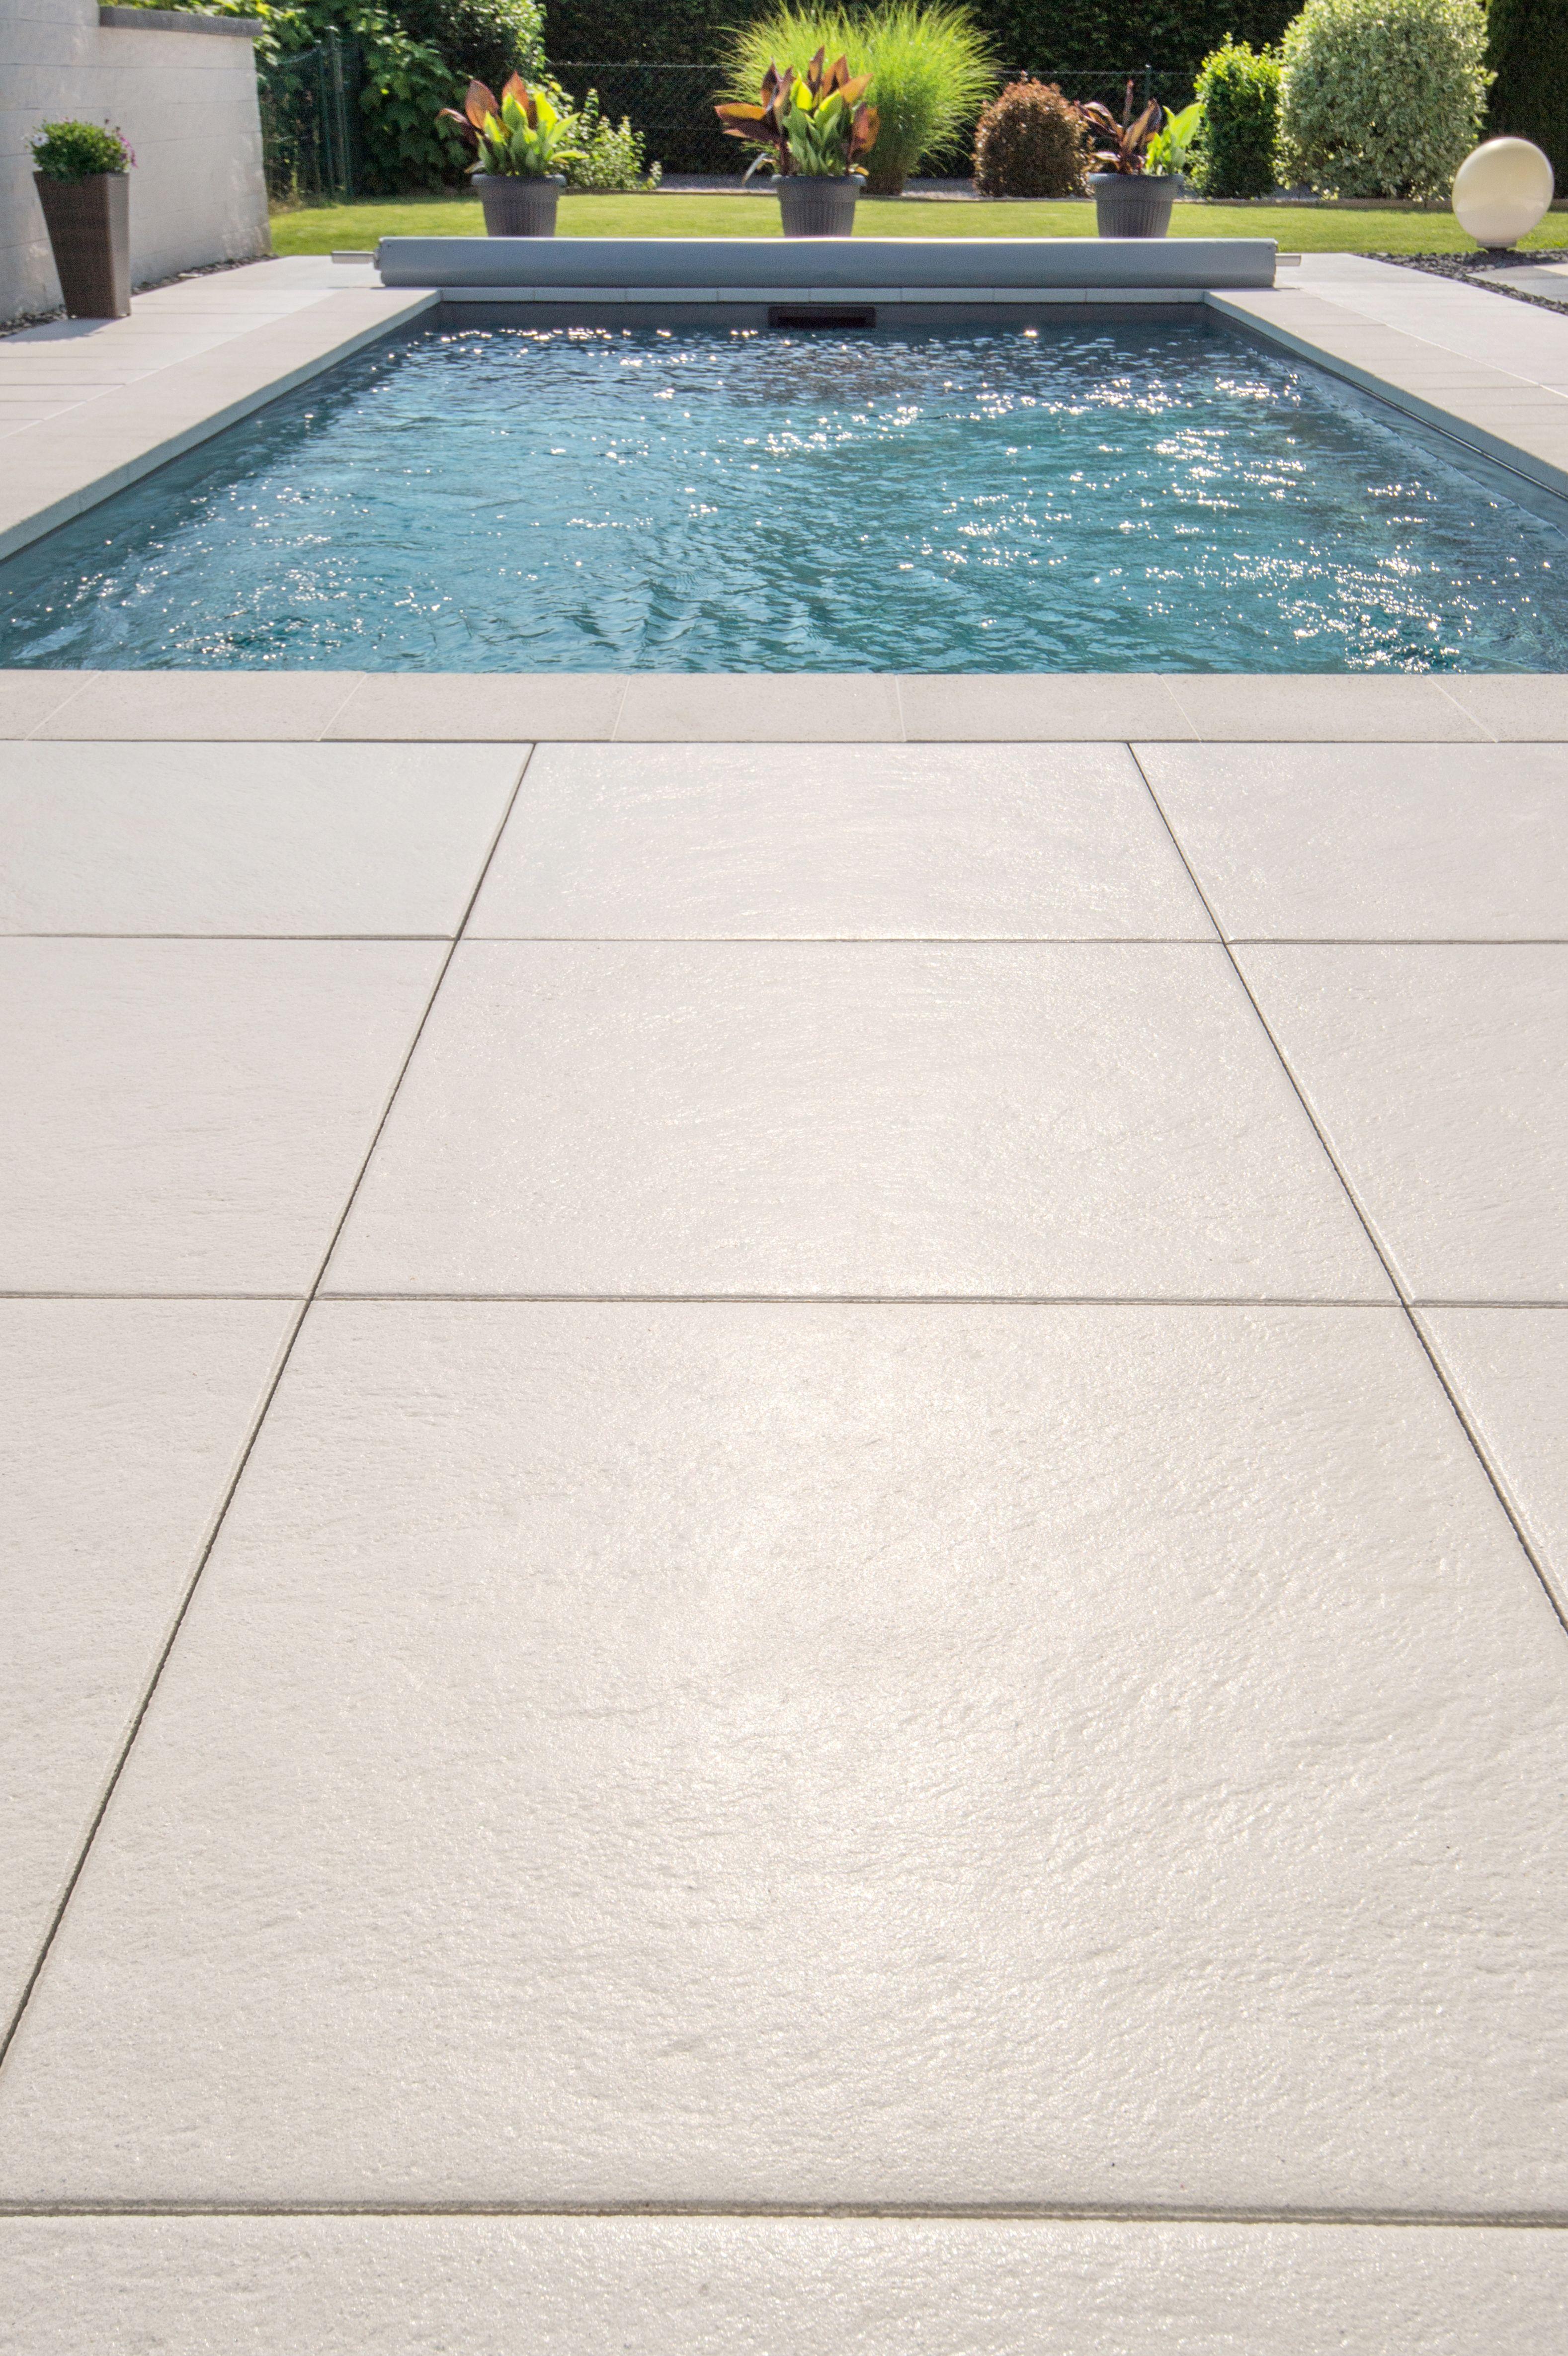 Großflächige Poolumrandung Aus Terrassenplatten Von Godelmann #pool  #jacuzzi #swimmingpool #schwimmbecken